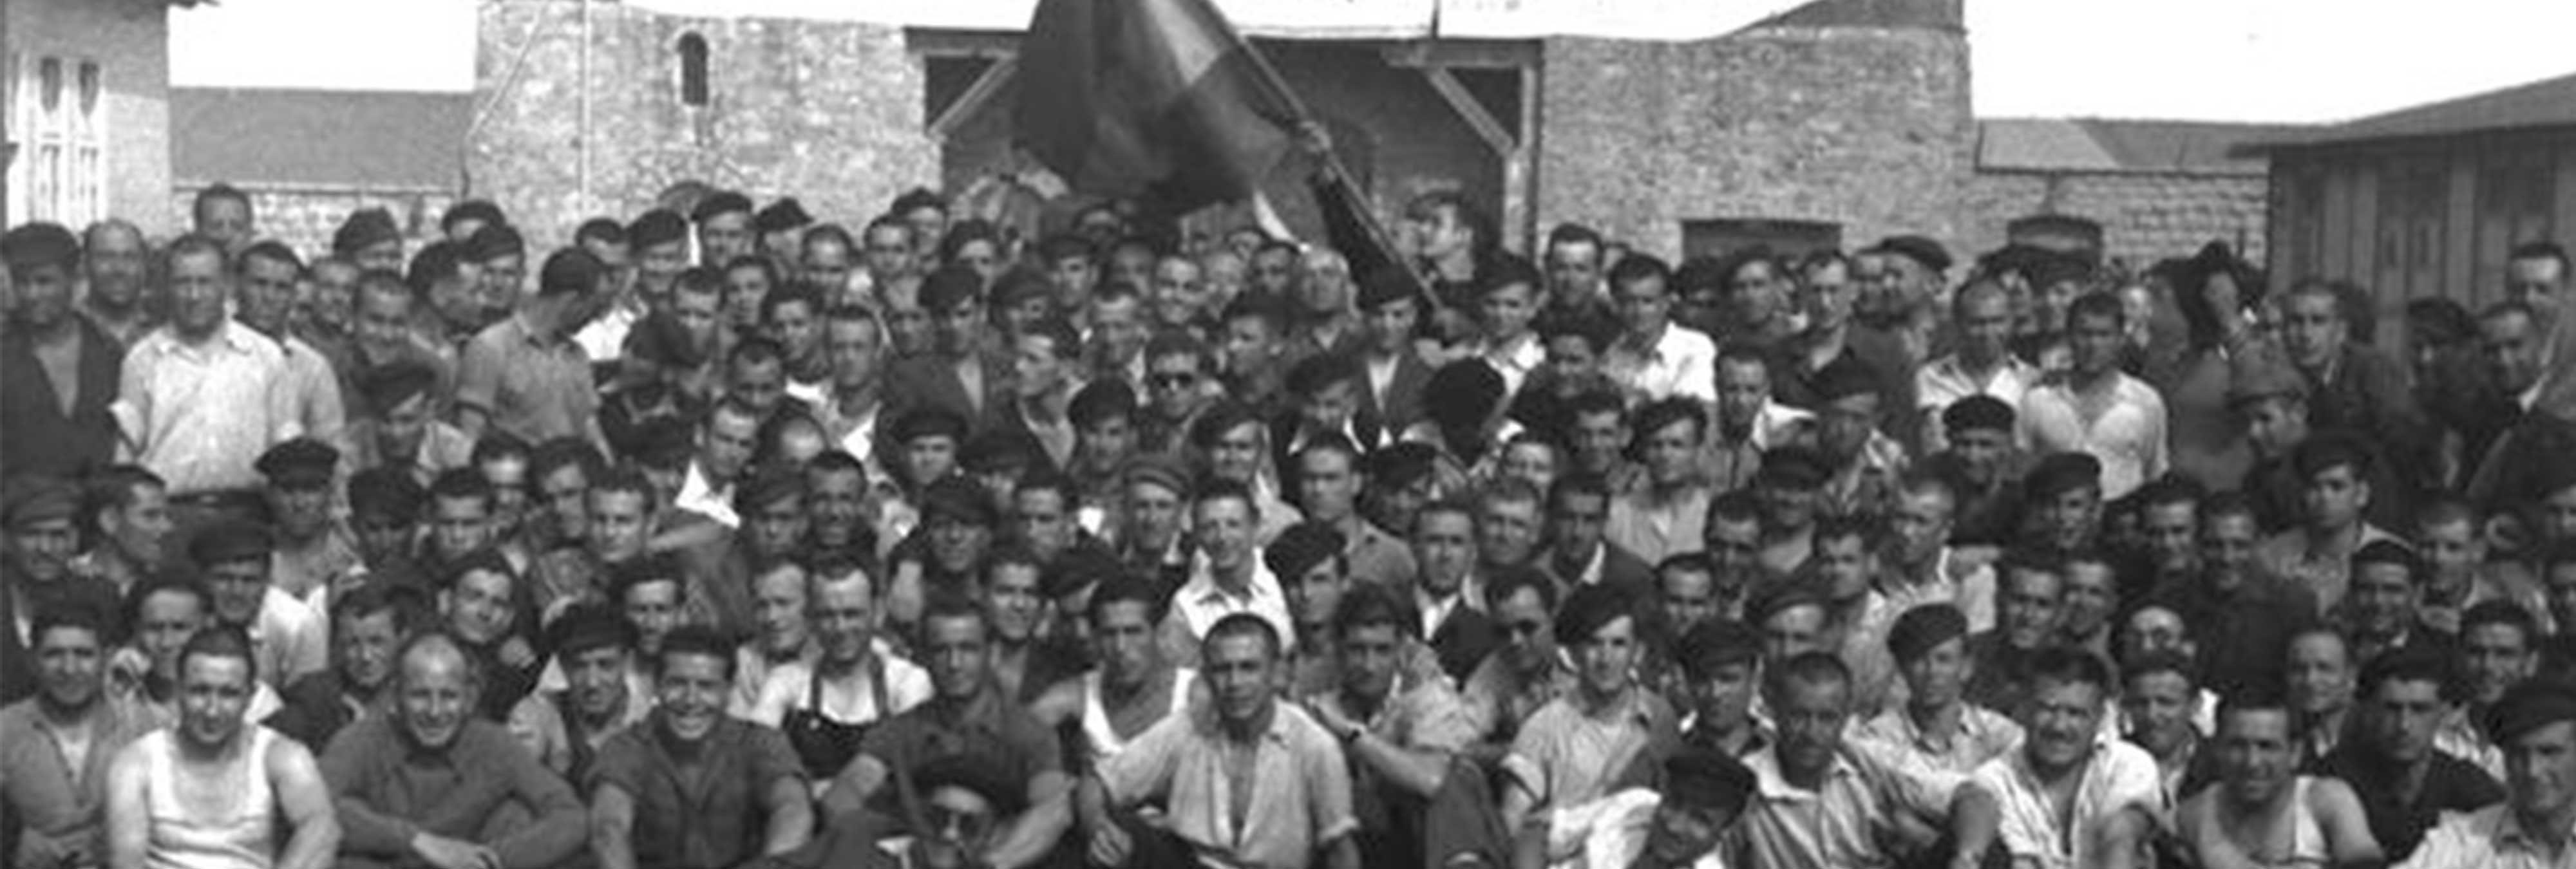 El 'favor' de Hitler a Franco: 5.000 españoles asesinados y torturados en Mauthausen